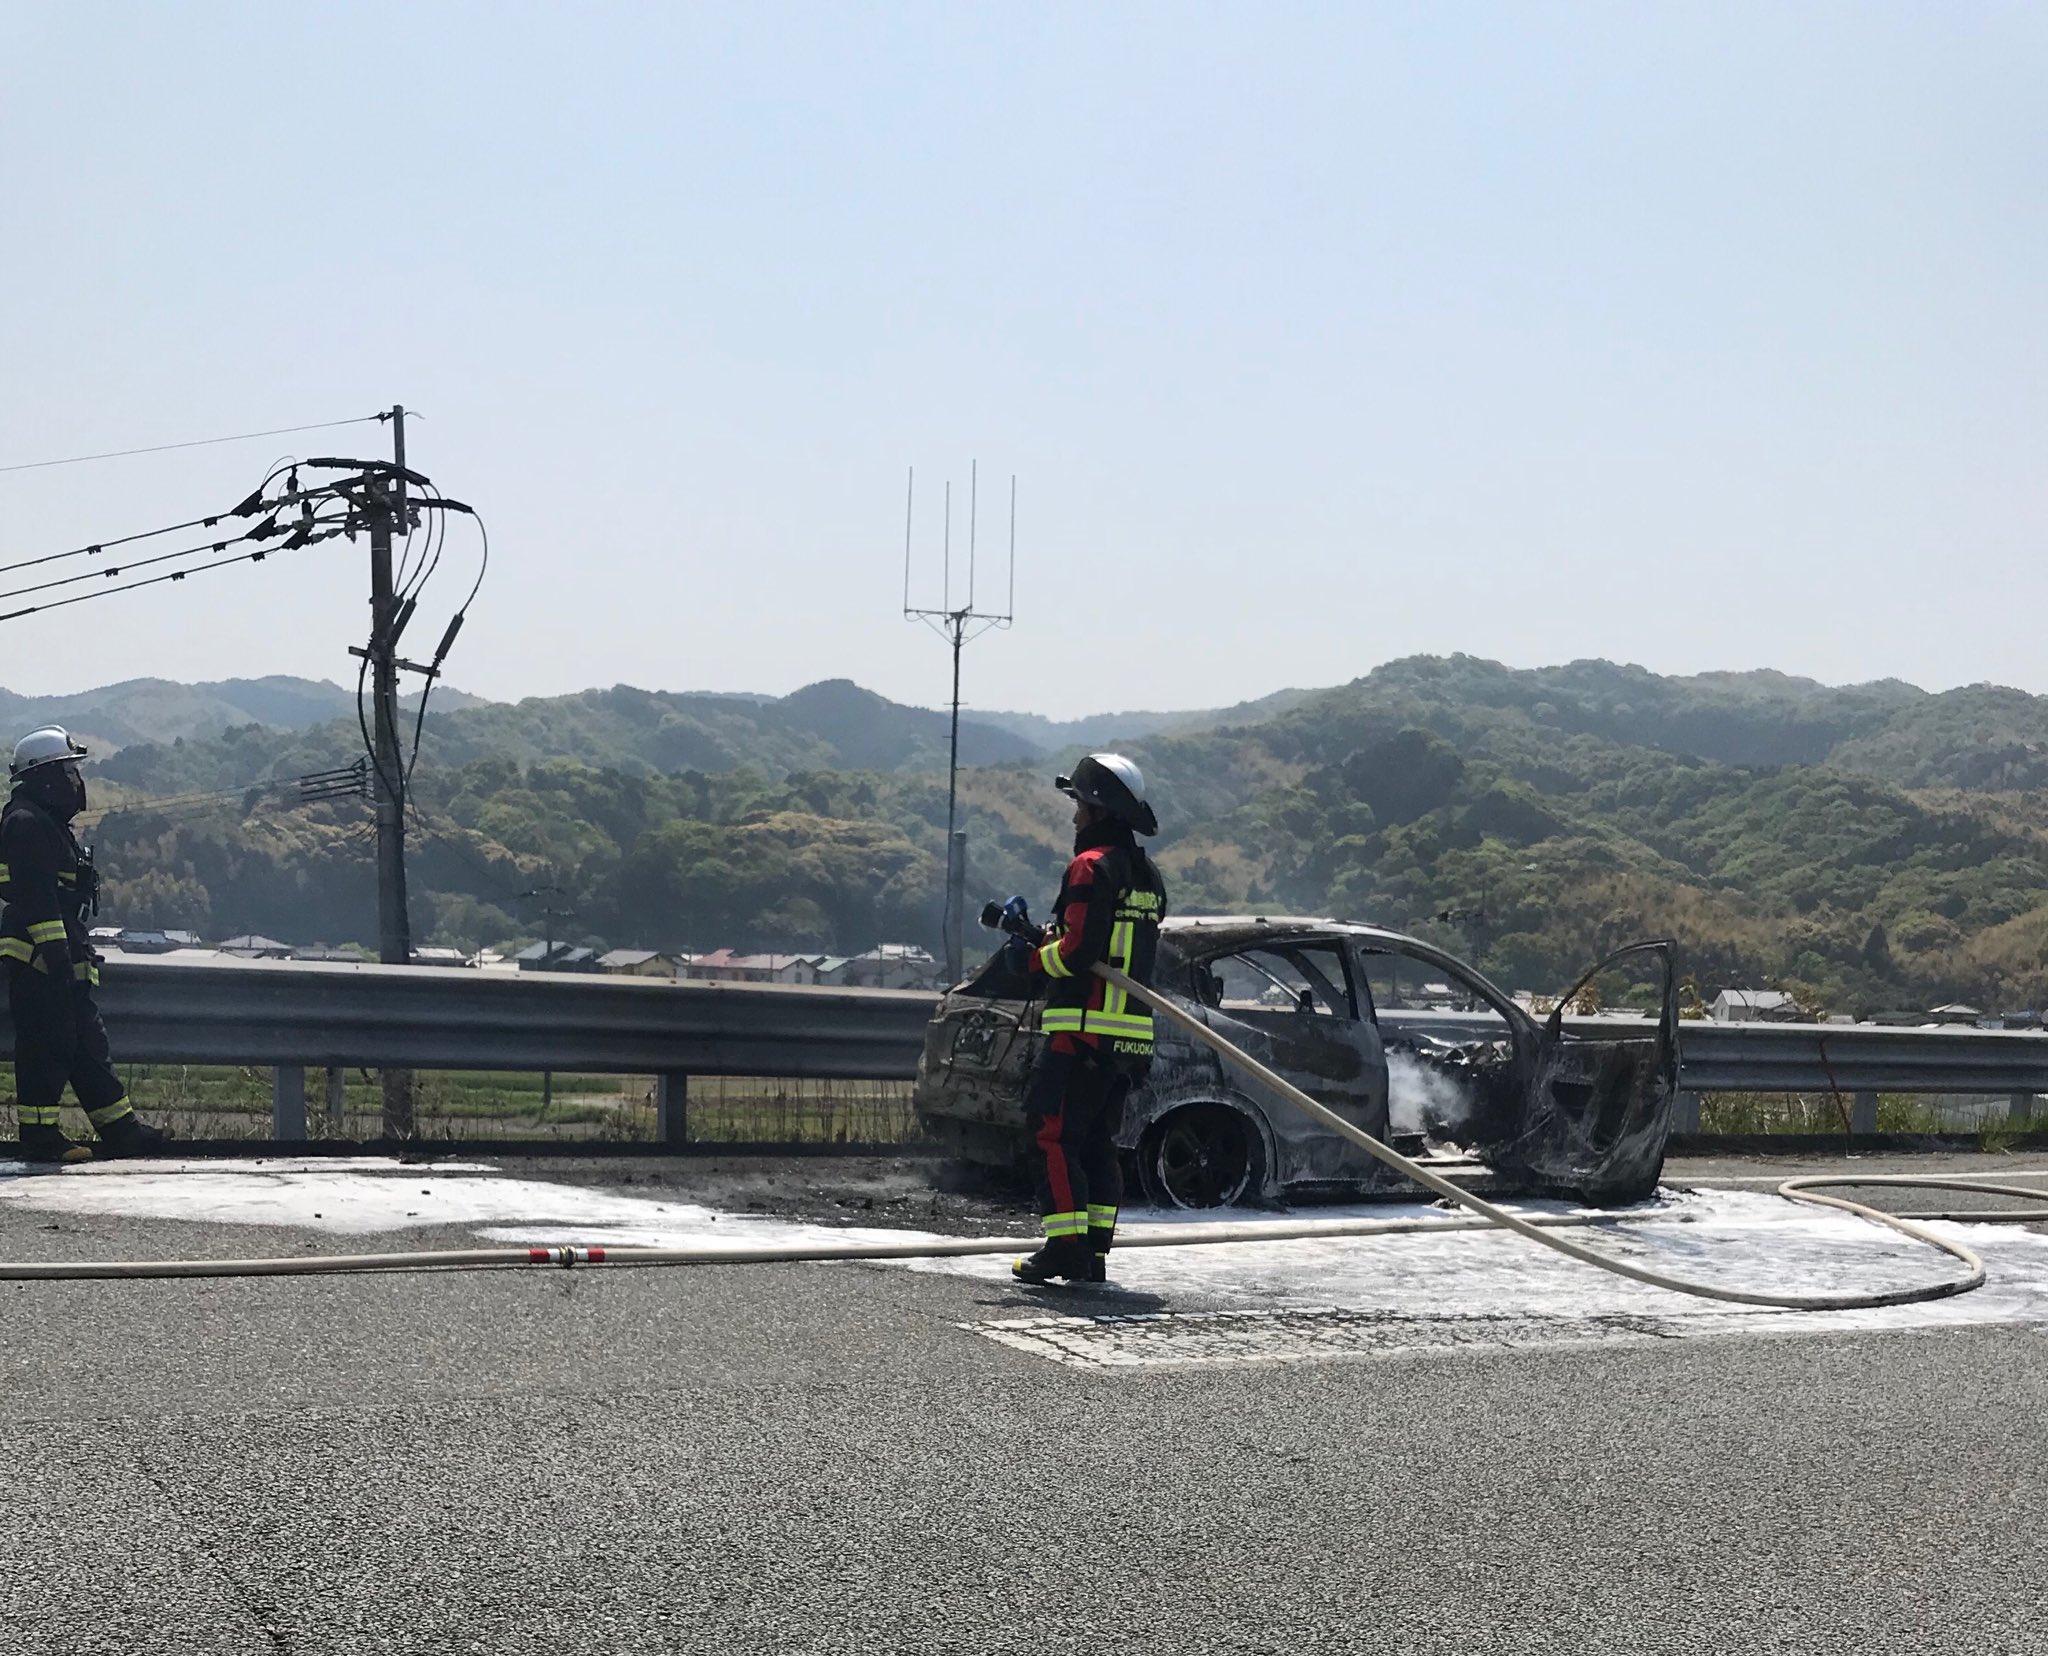 画像,本日、NHK熊本文化センターにてパーソナルカラーアナリスト初級講座開講。熊本へ向かう九州道にて渋滞に!原因は車両火災、運転手さんの無事を祈るばかり。講座には何と…